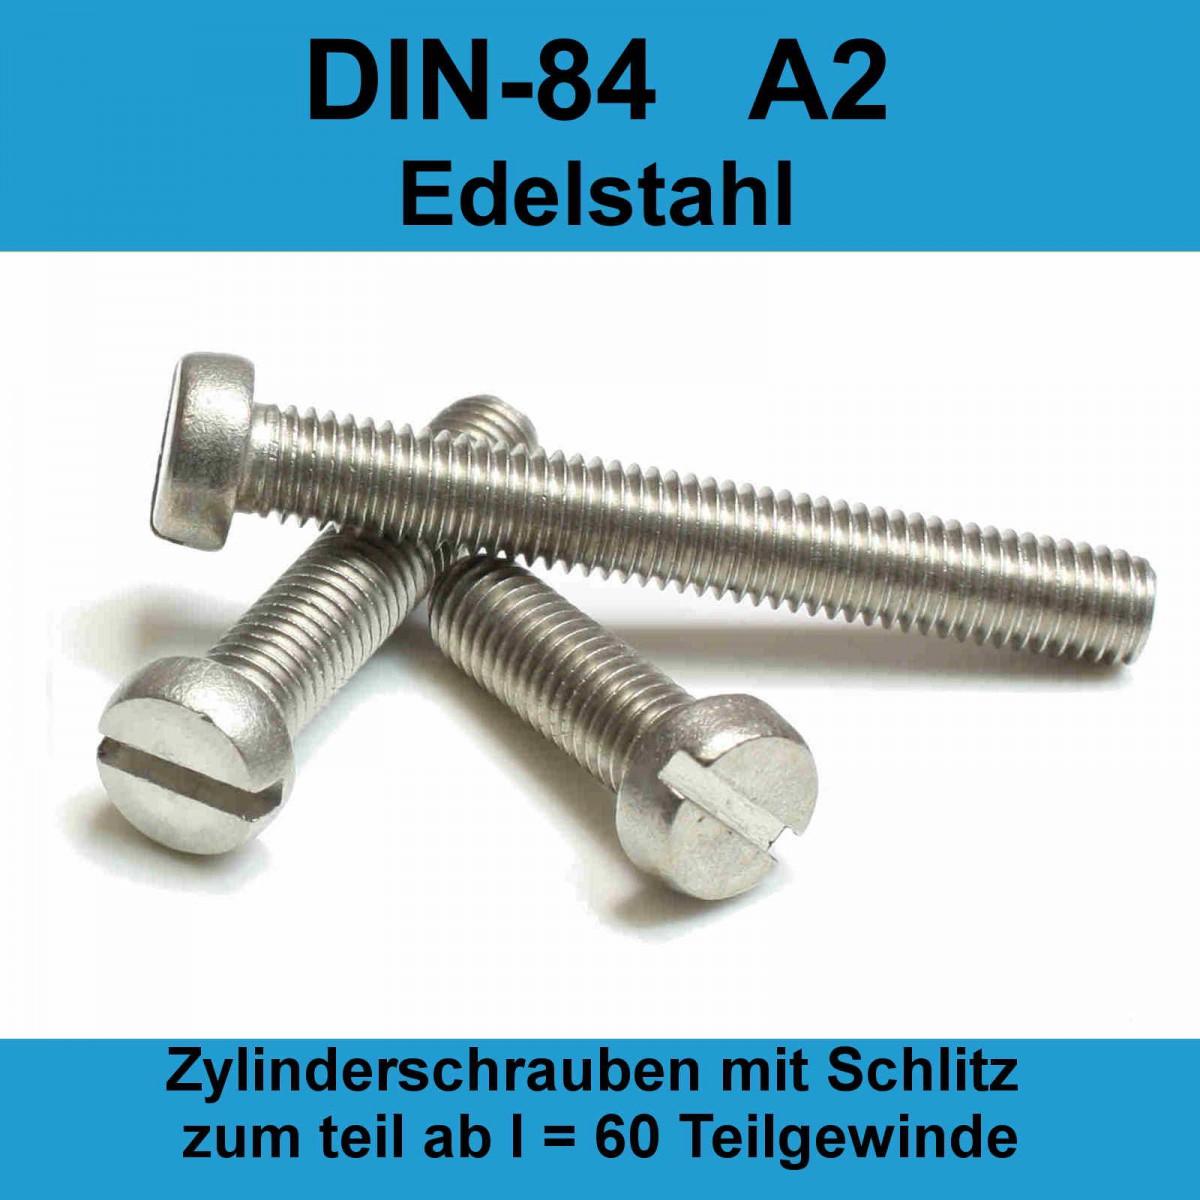 M 6 Zylinderschrauben mit Schlitz DIN 84 Edelstahl A2 M 5